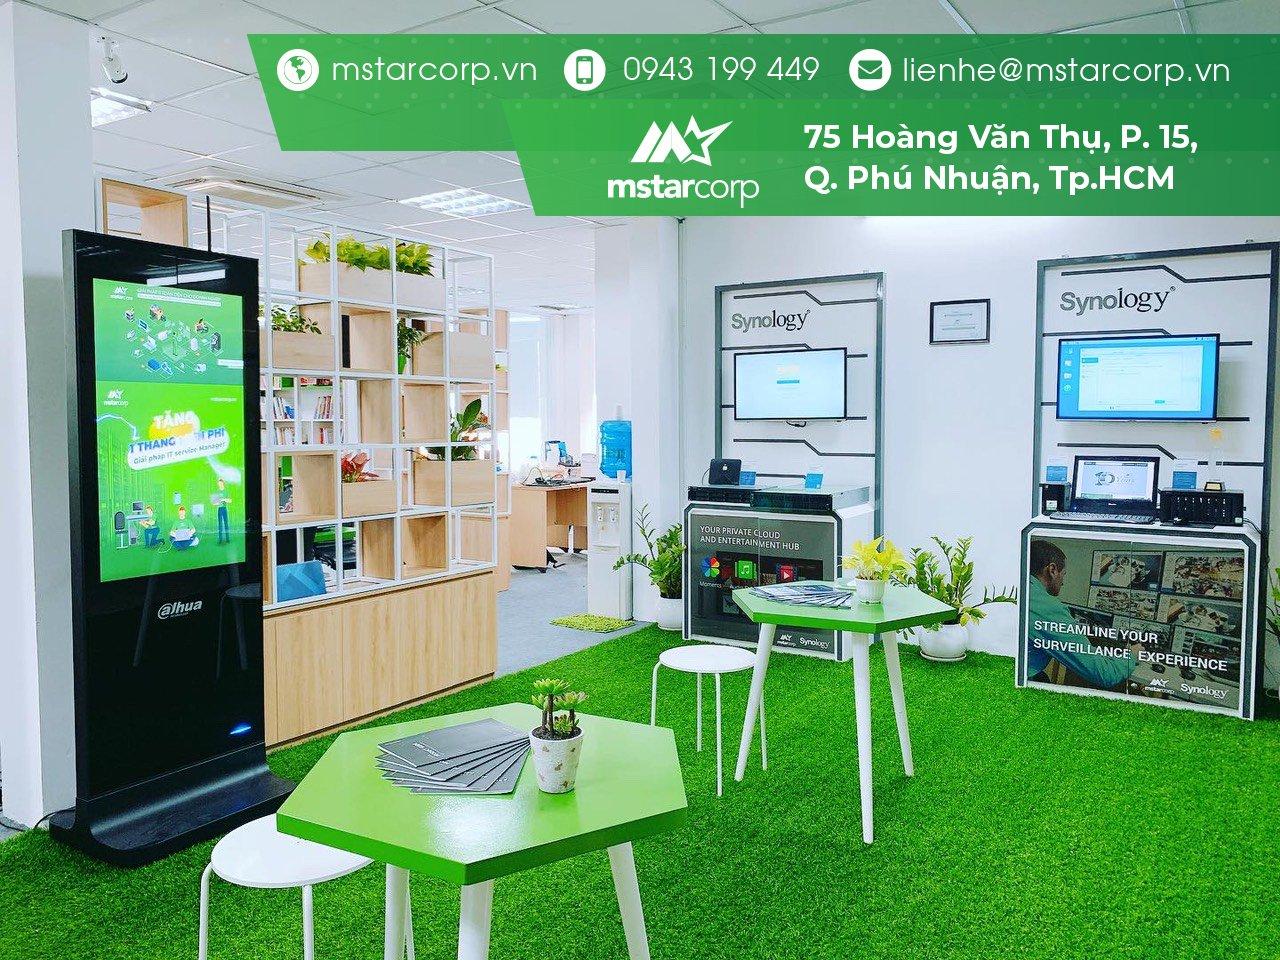 Mstar Corp là đơn vị duy nhất có Showroom trải nghiệm các giải pháp của Synology